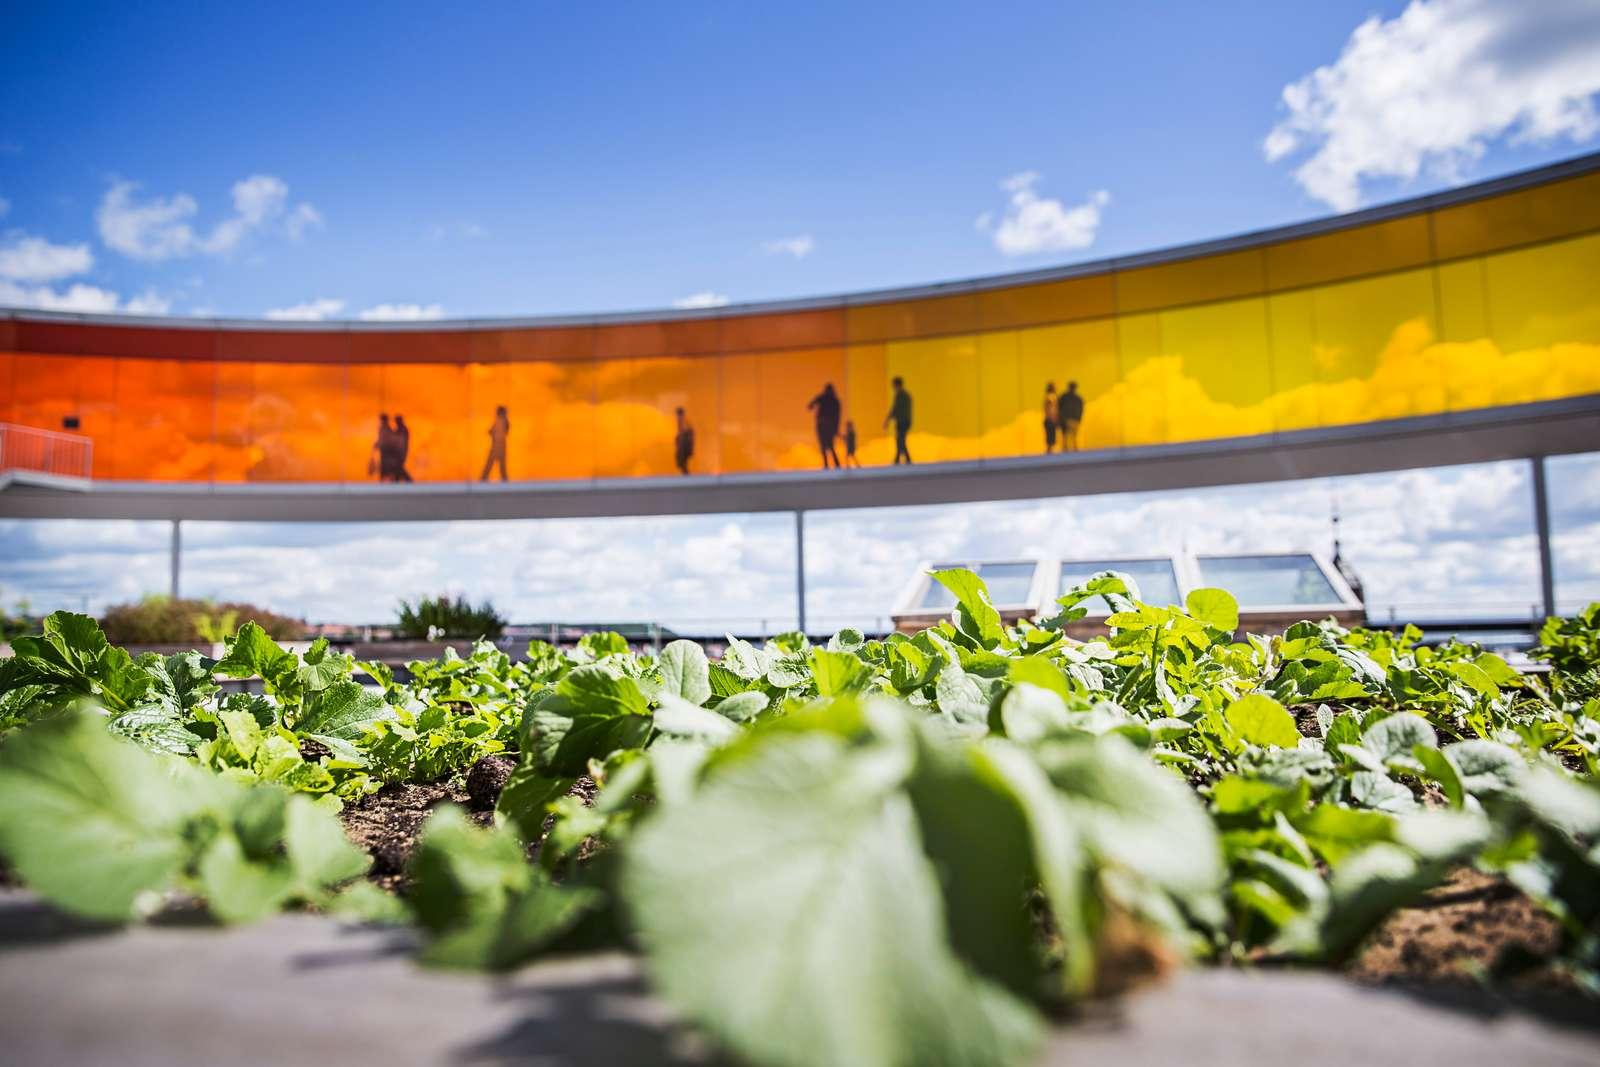 VisitAarhus, Aarhus Airport, SAS og VisitDenmark er gået sammen om en kampagne for at tiltrække flere udenlandske turister til Aarhus. Foto for VisitAarhus, Anders Trærup.